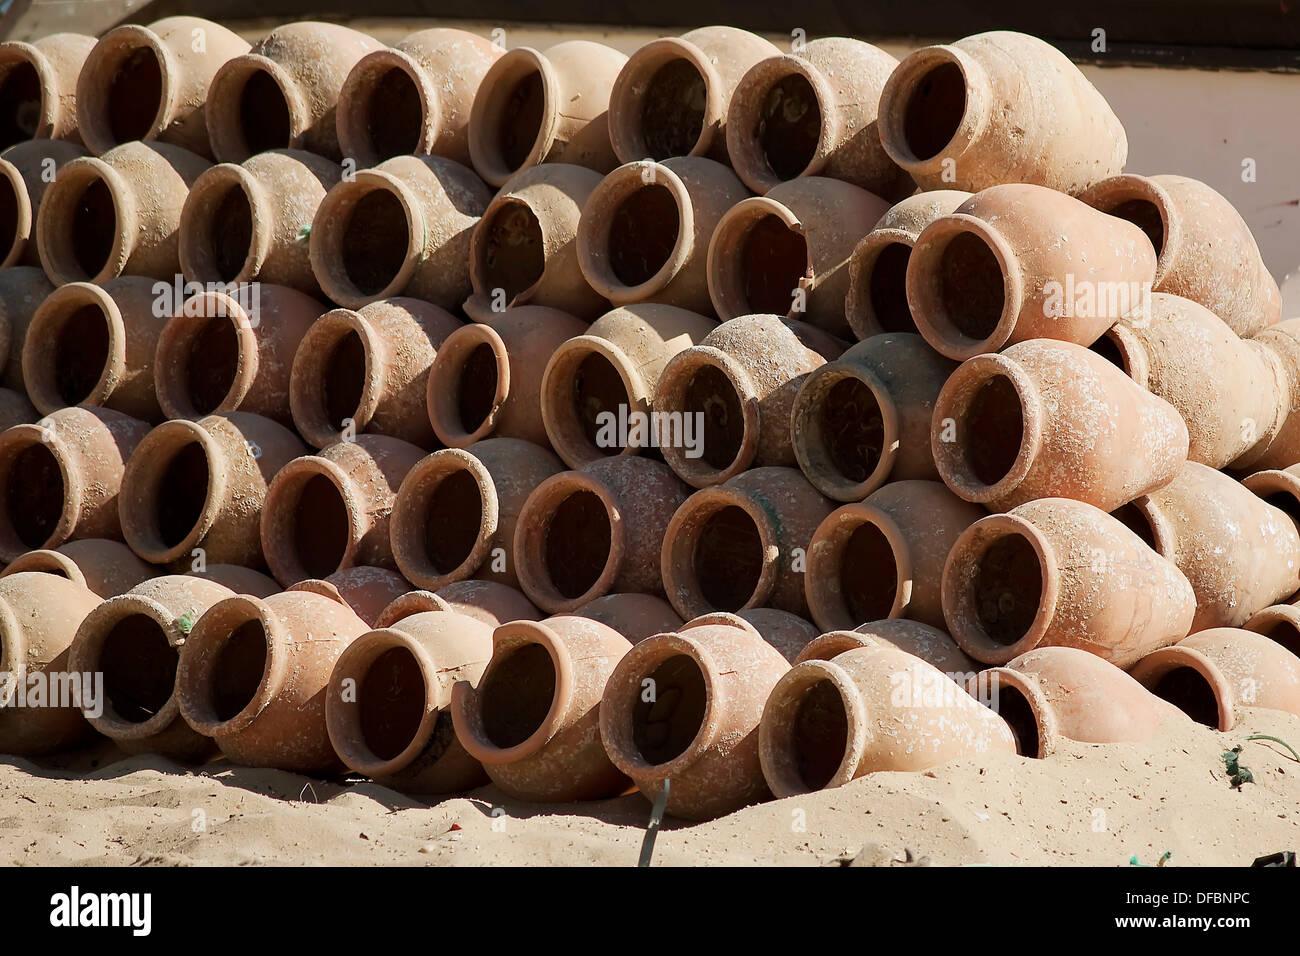 tinajas de arcilla amontonadas para su secado. clay jars stacked to dry. - Stock Image